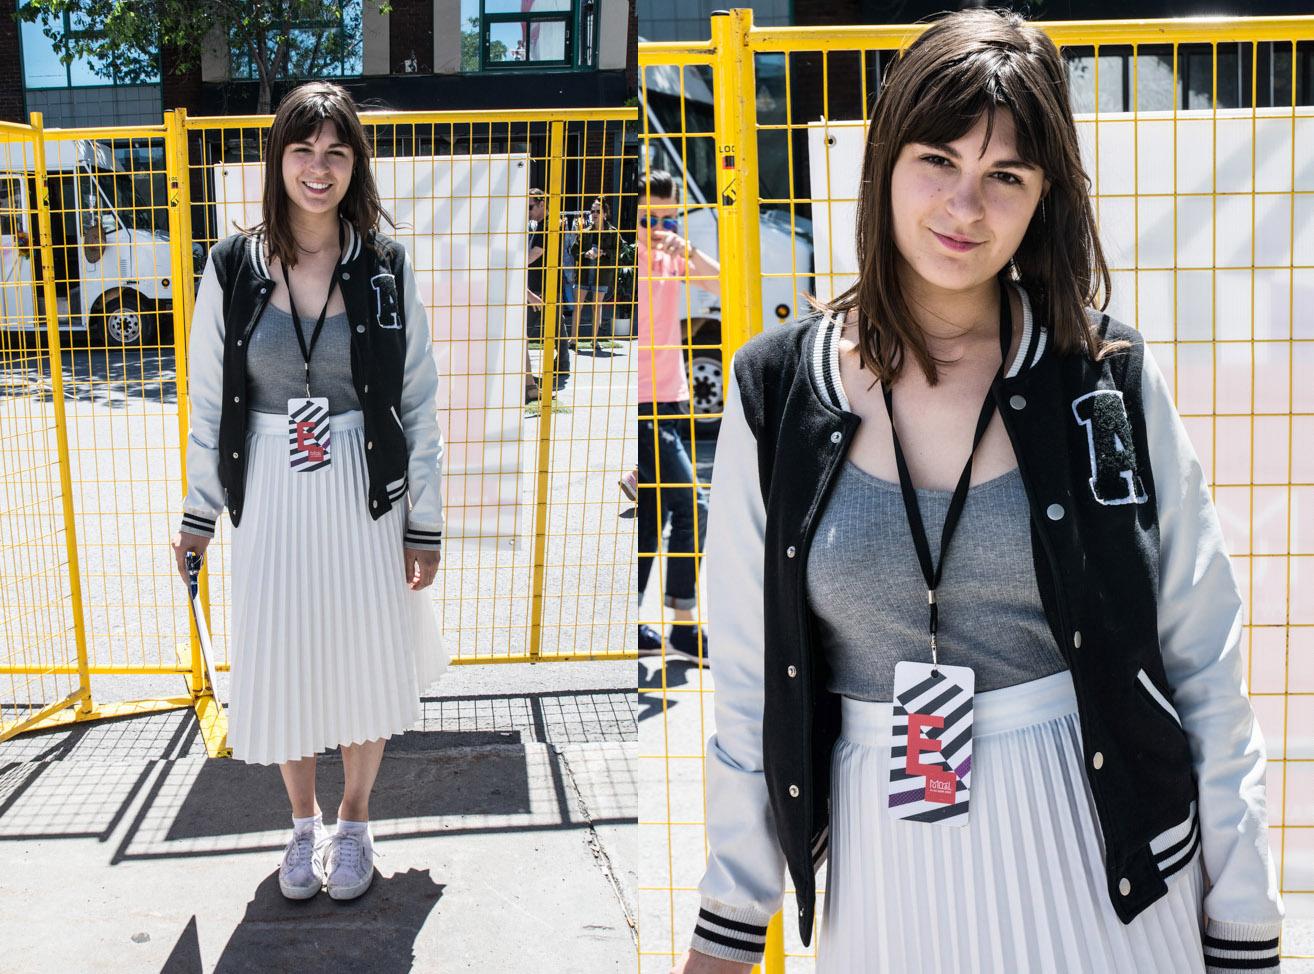 Street Stylin: ça sent l'été dans les rues de Montréal